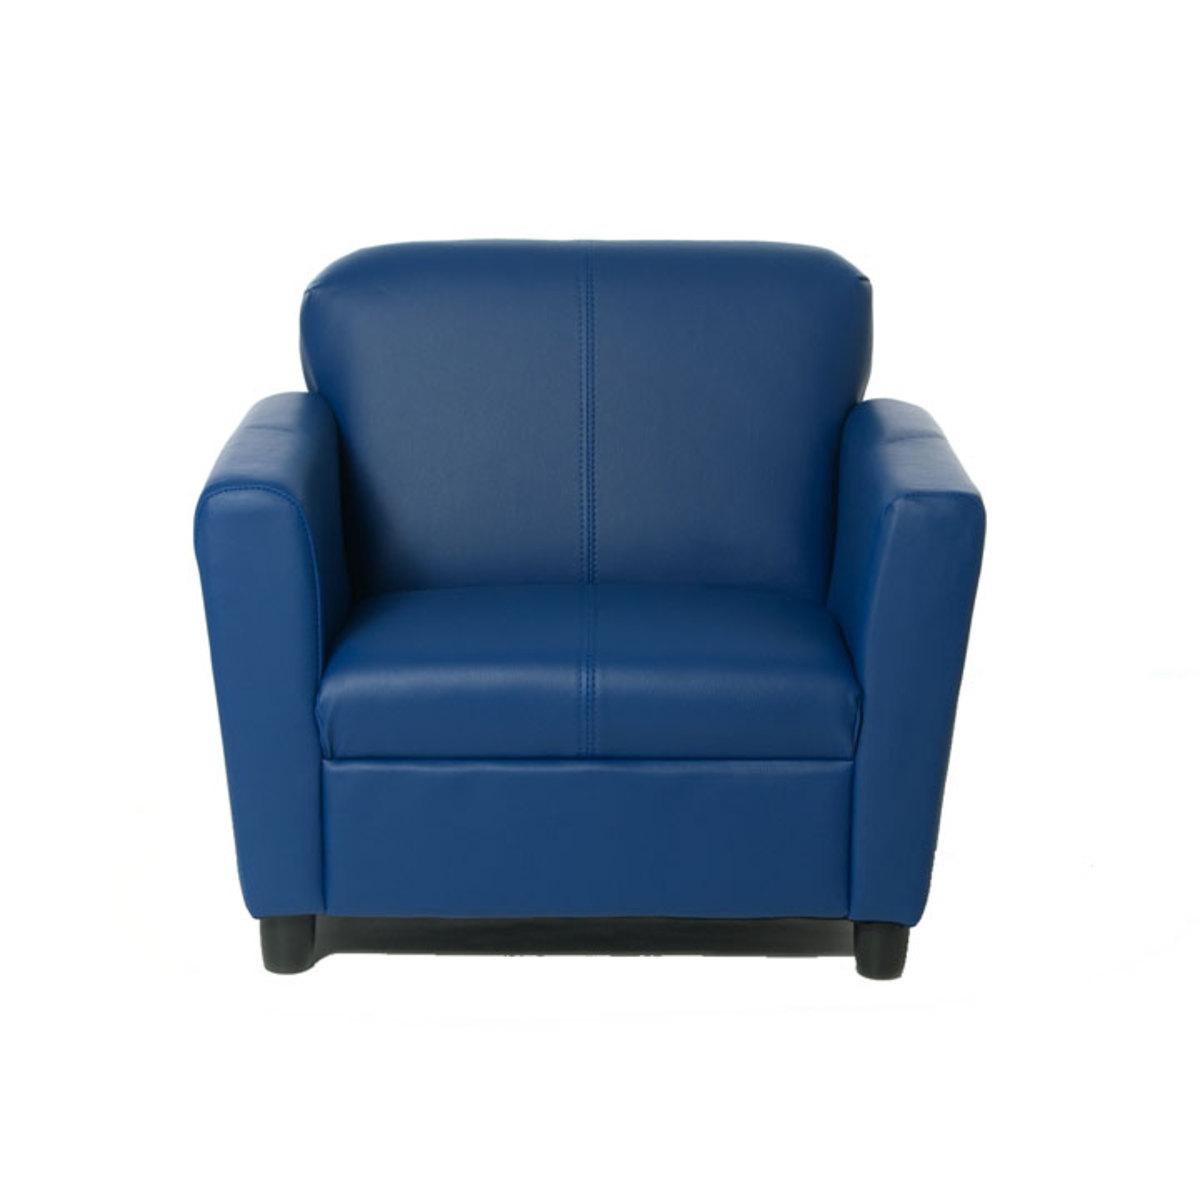 Fauteuil chester   bleu (w080) : achat / vente fauteuil sur ...